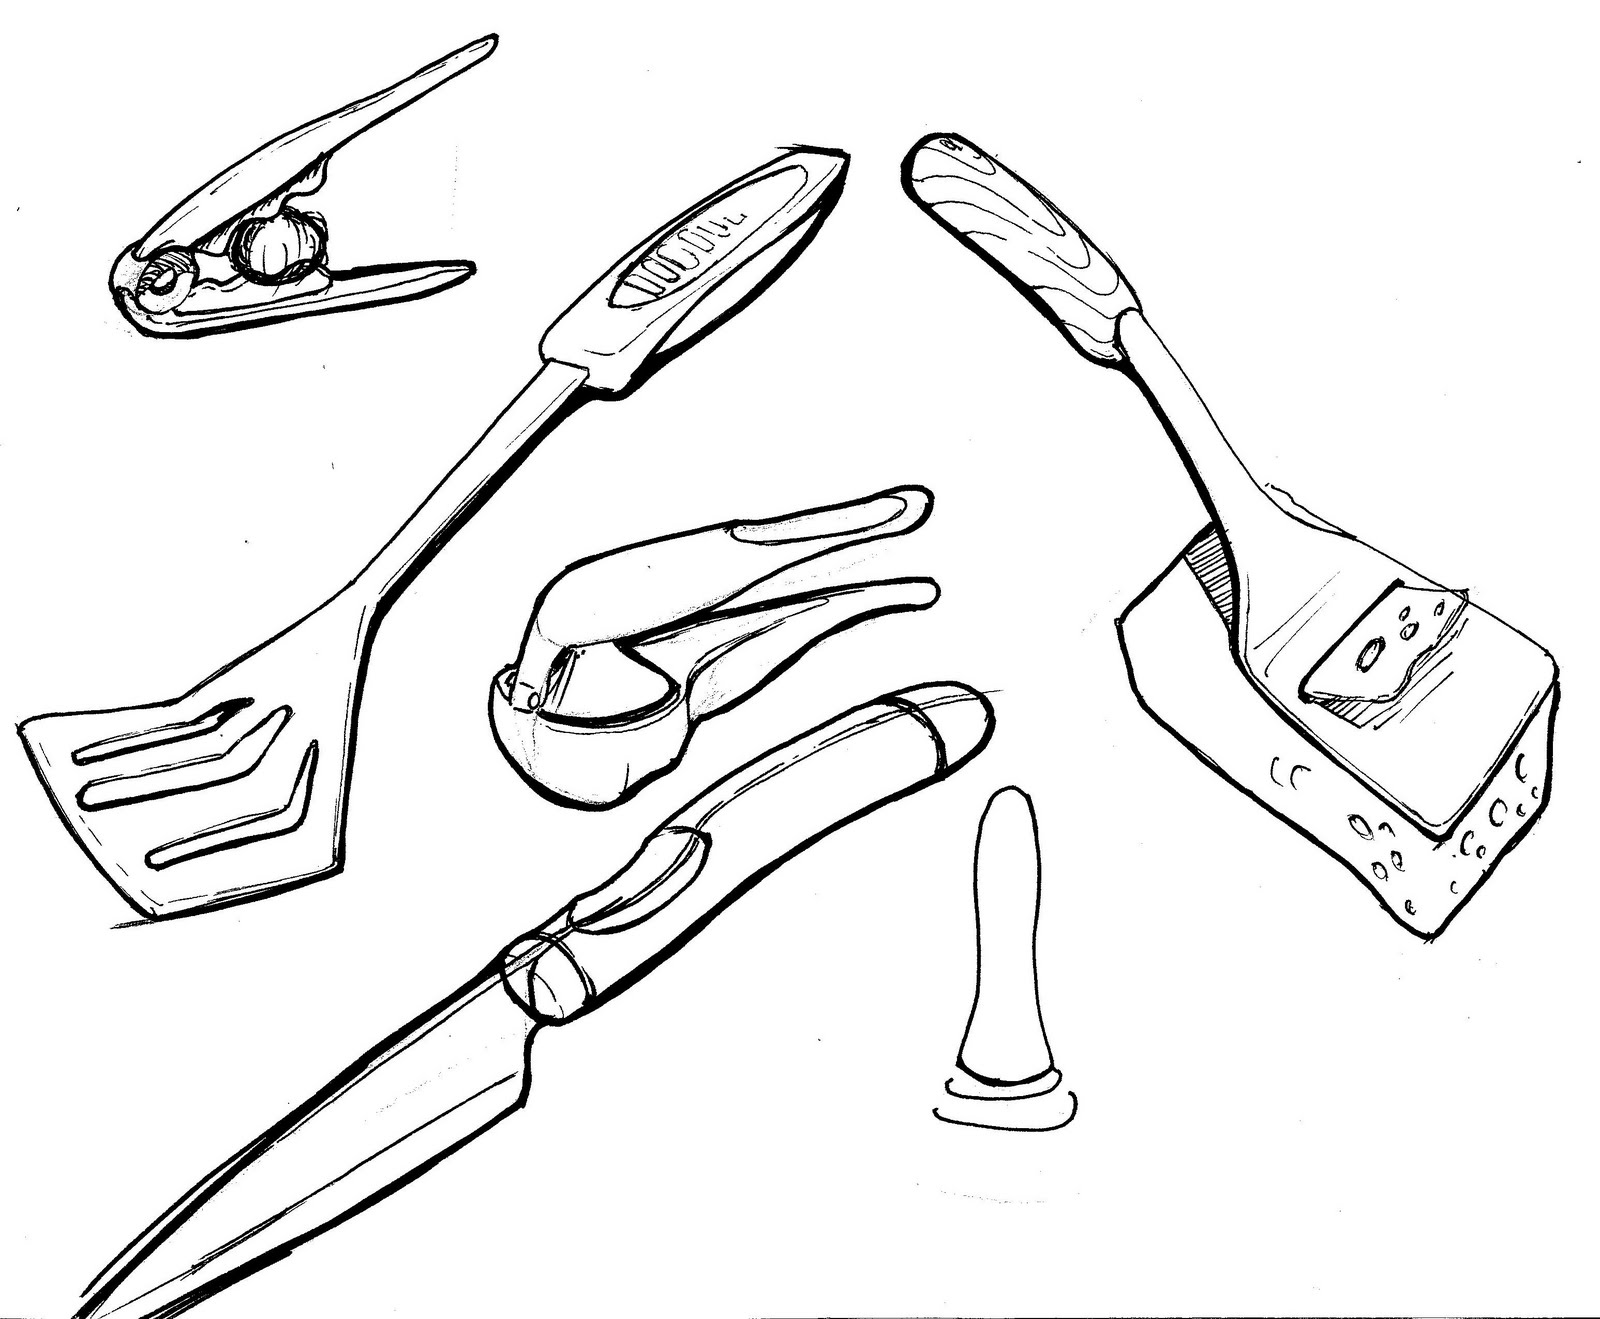 Sketch Of Kitchen Utensils : My sketch journal: kitchen utensils